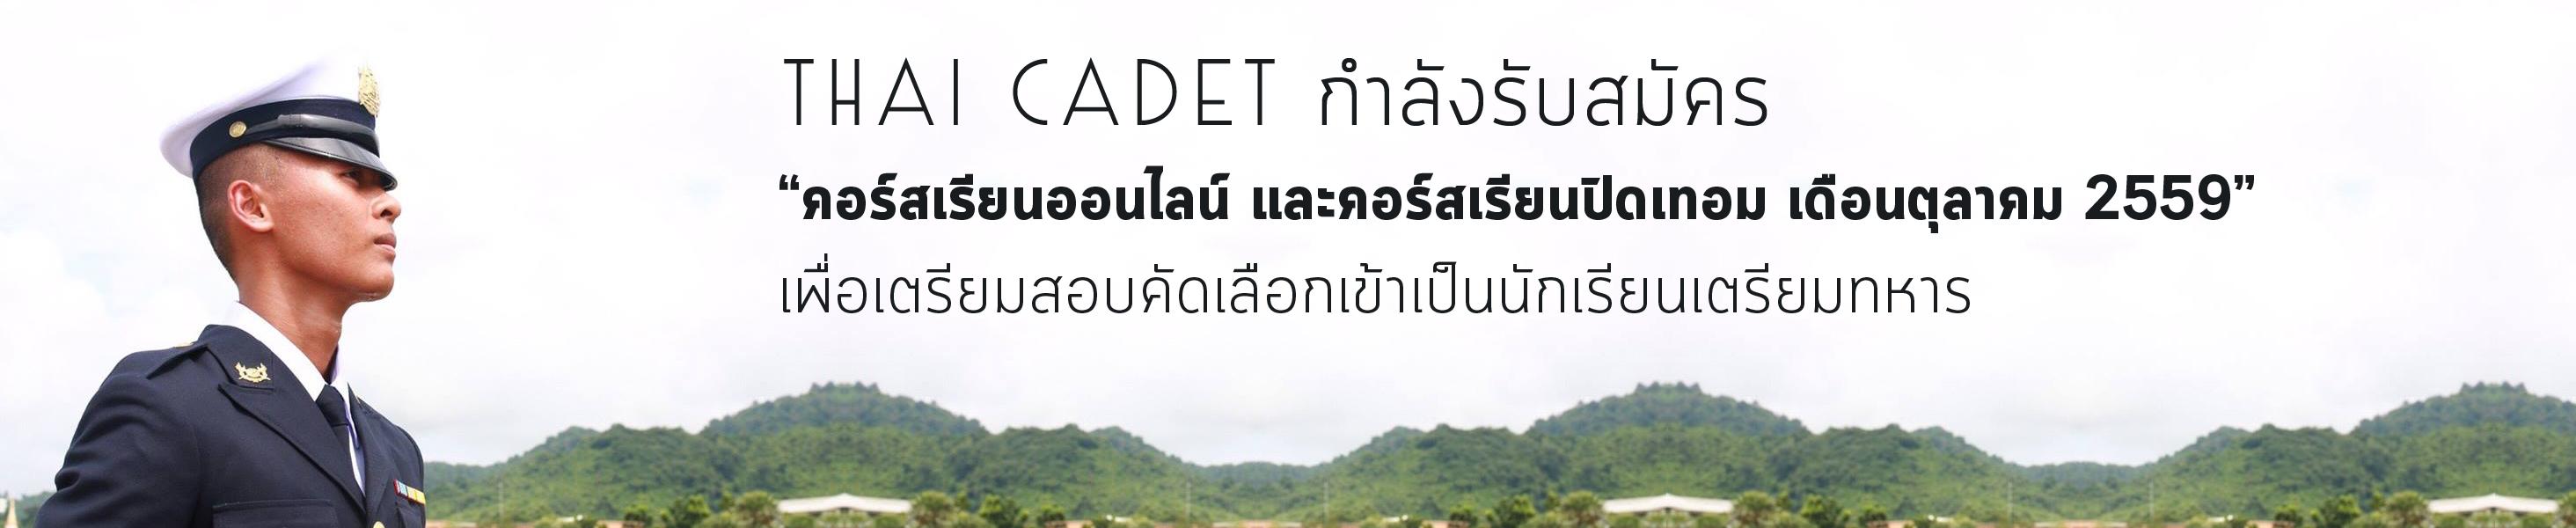 ลงทะเบียนทดสอบความรู้ภาควิชาการกับเว็บไซต์นายร้อยไทย